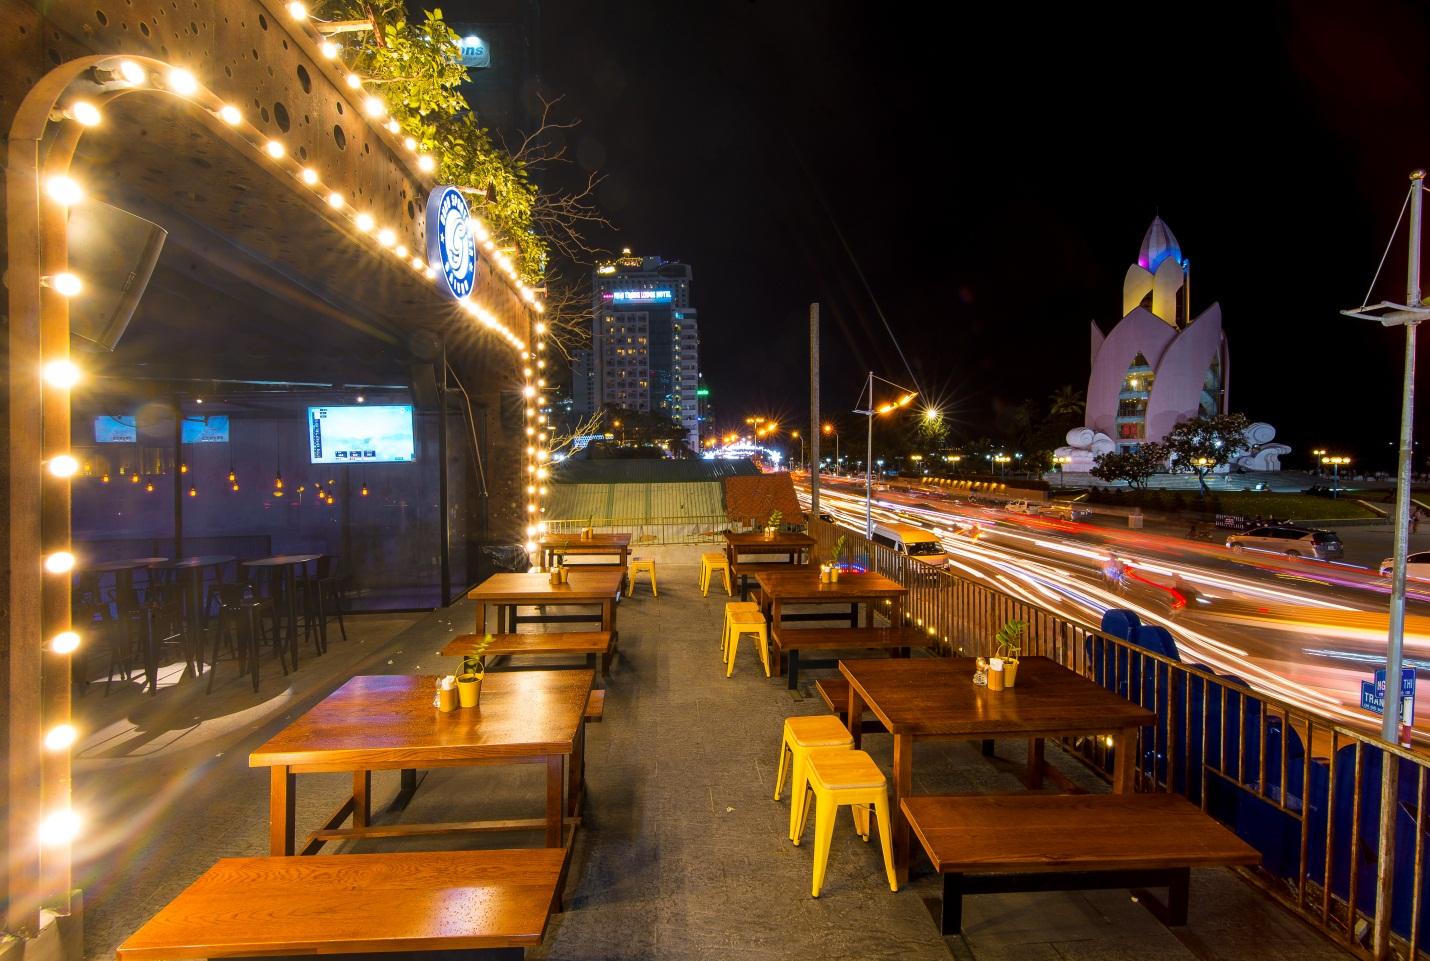 Chơi gì tại phố biển Nha Trang mùa hè này? - Ảnh 6.